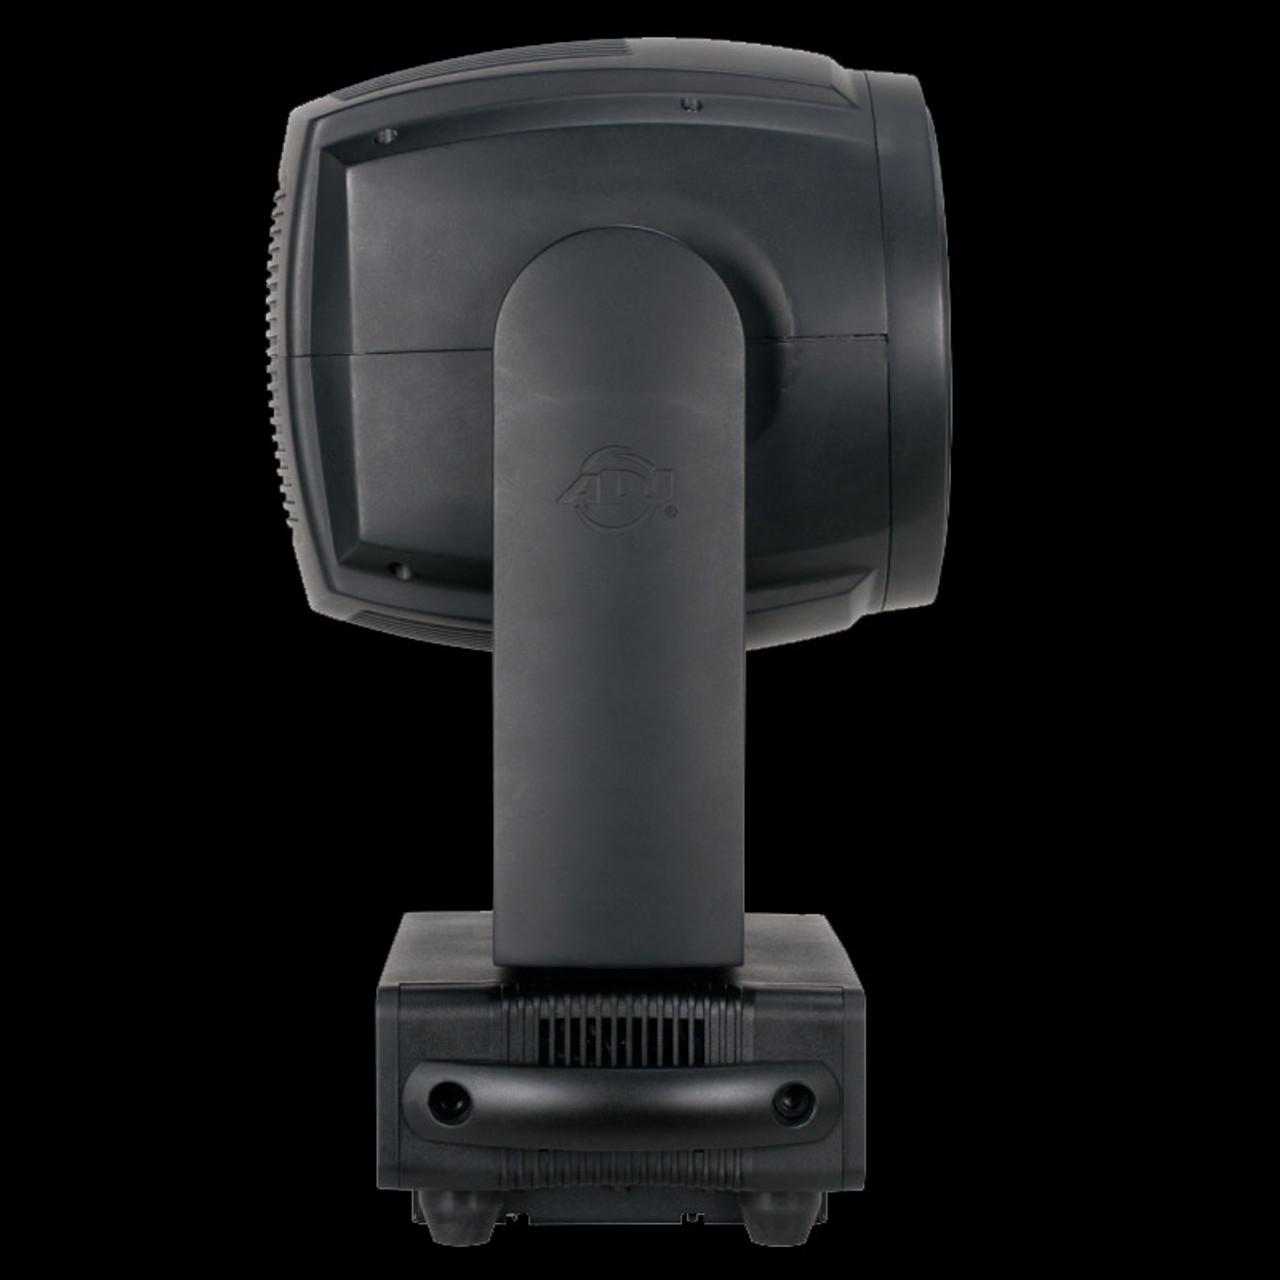 ADJ Focus Wash 400 RGBACL LED Moving Head Wash / 400W